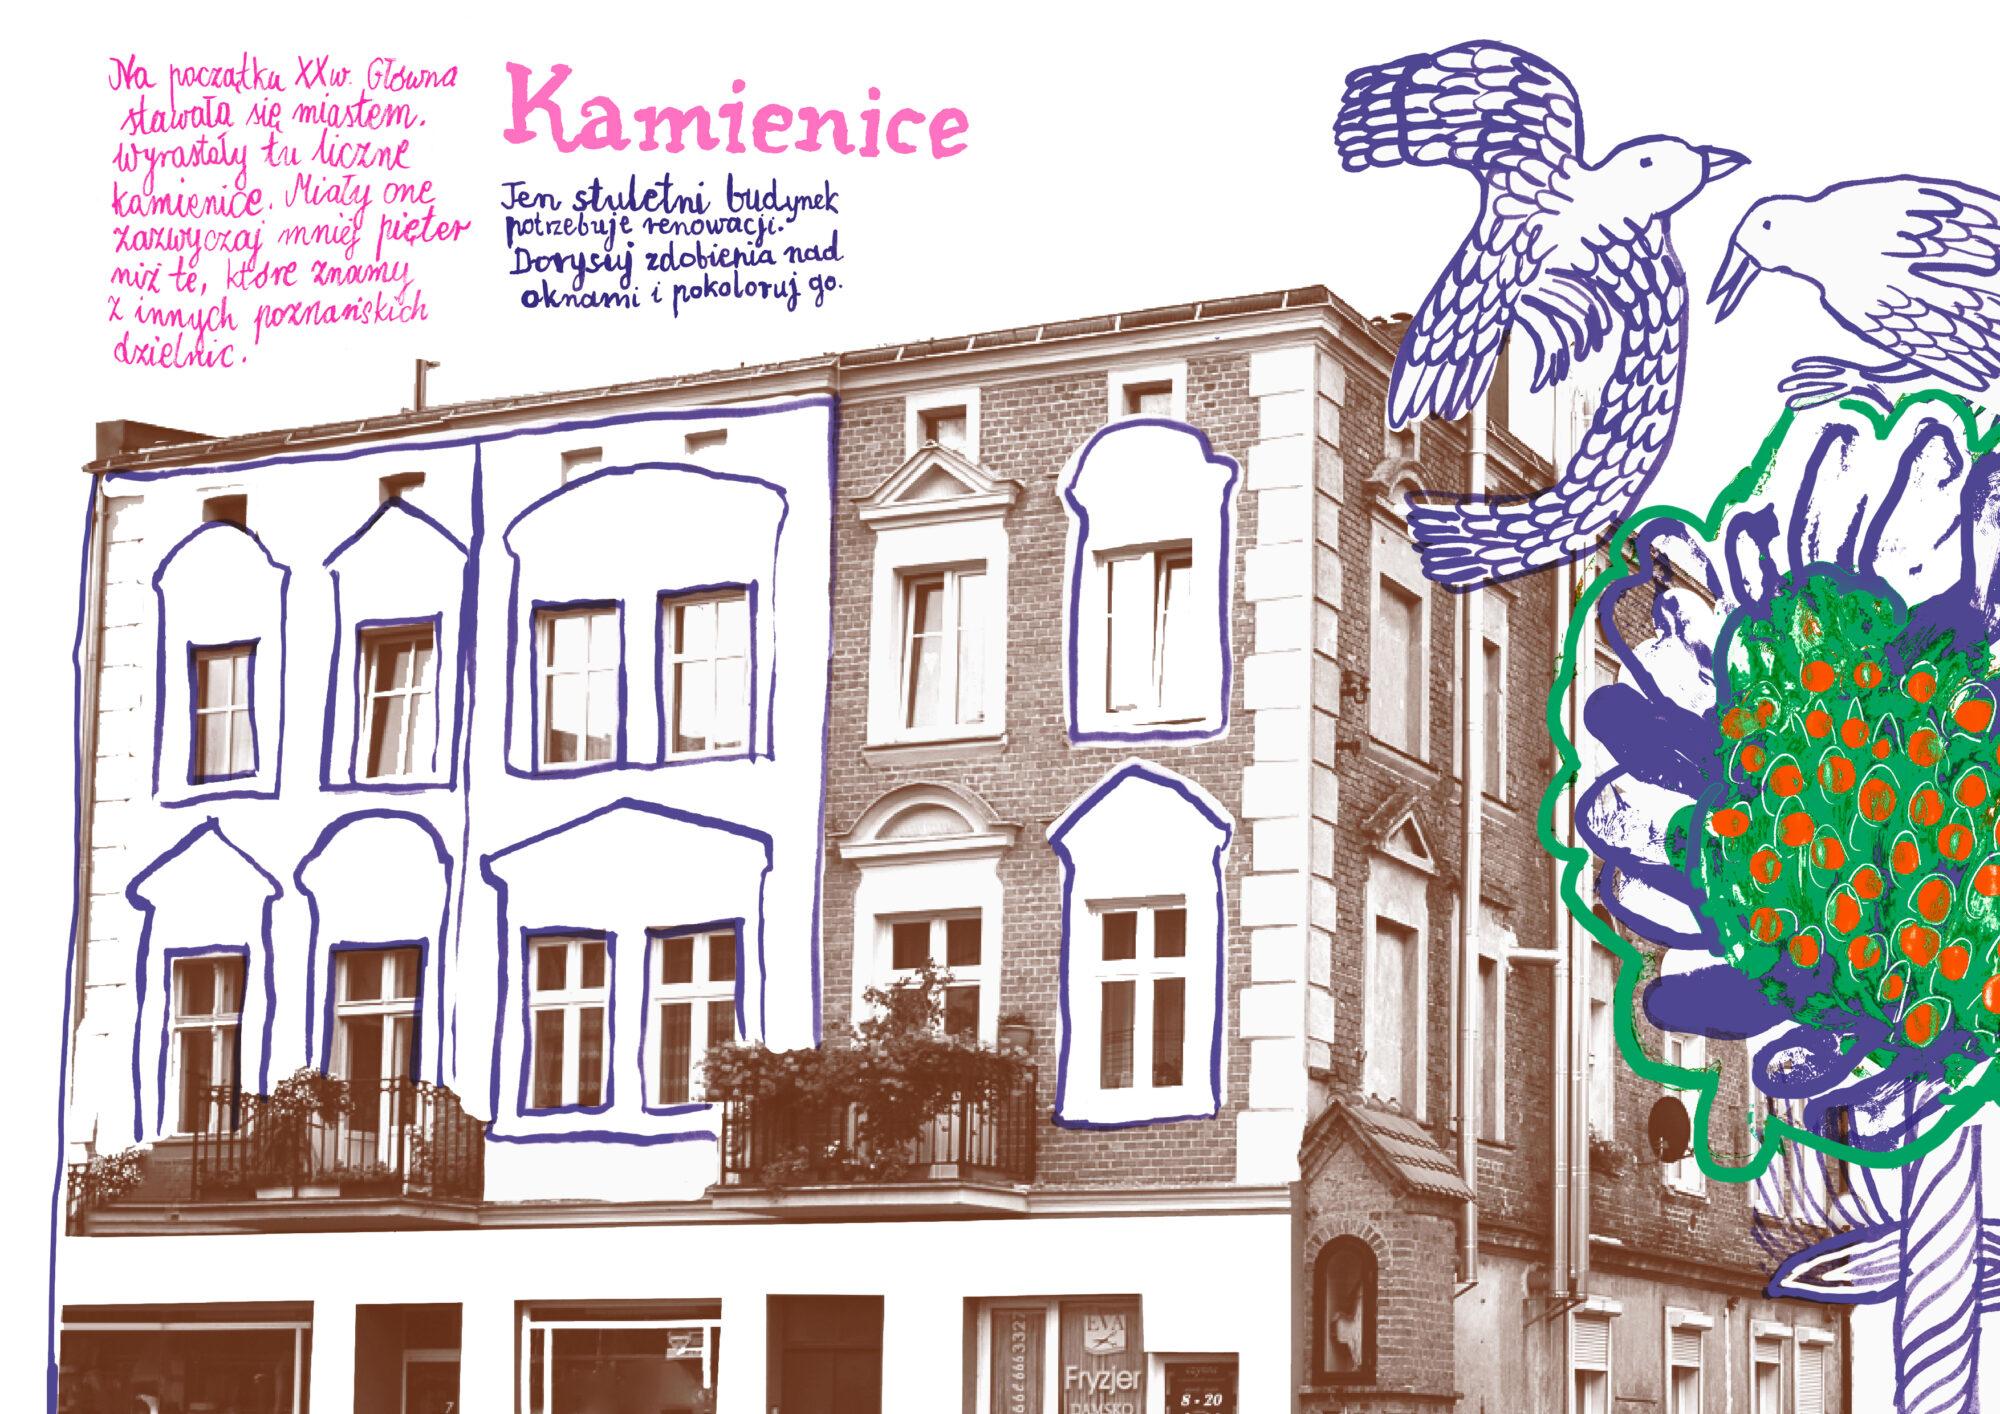 kolorowanka mazanka o kamienicach na Głównej autorka Anna Kaźmierak